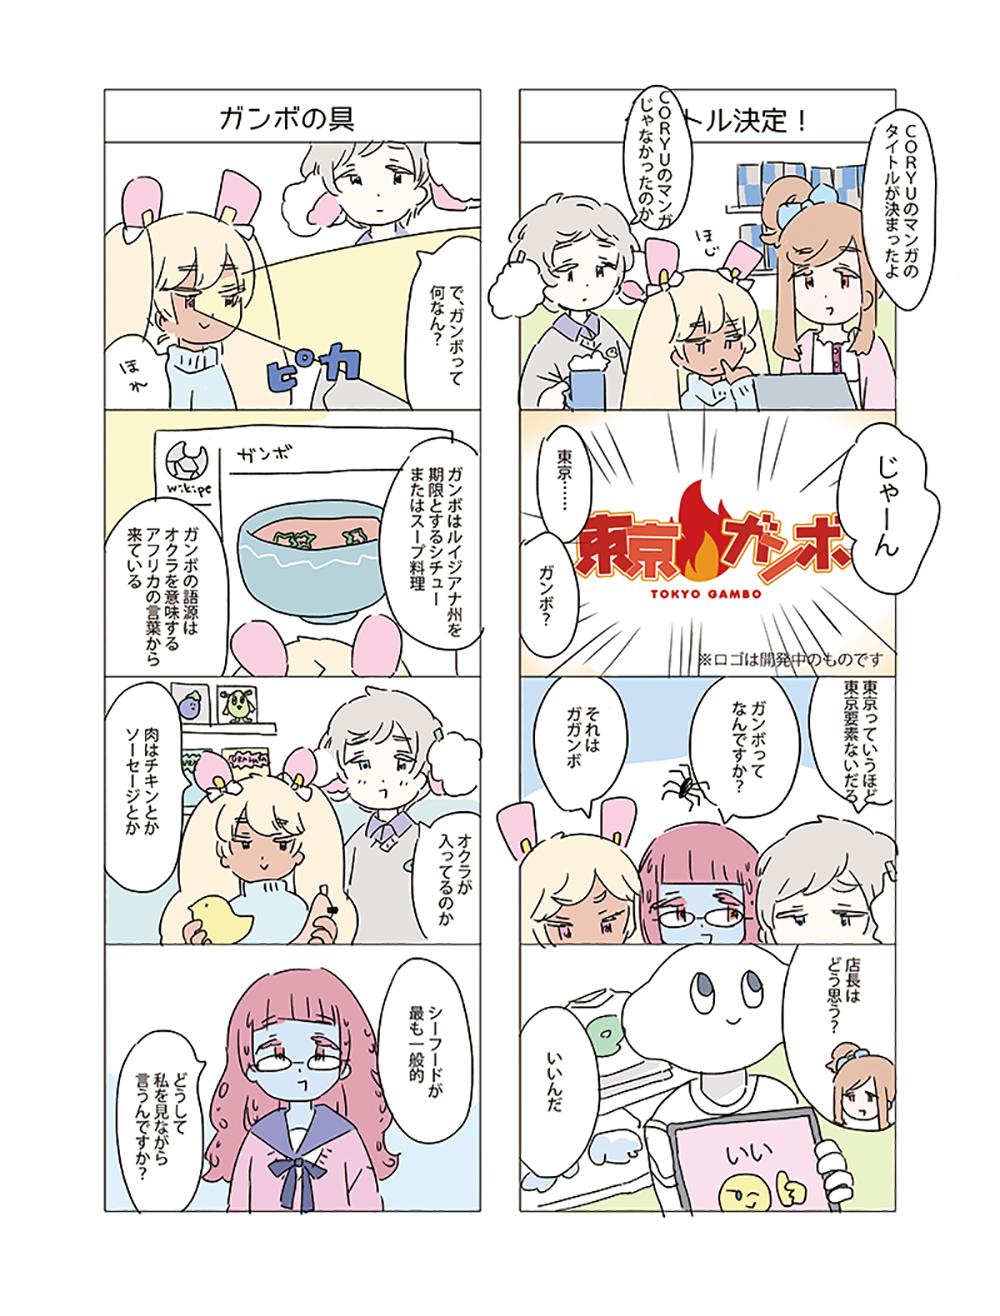 東京ガンボ 第1話